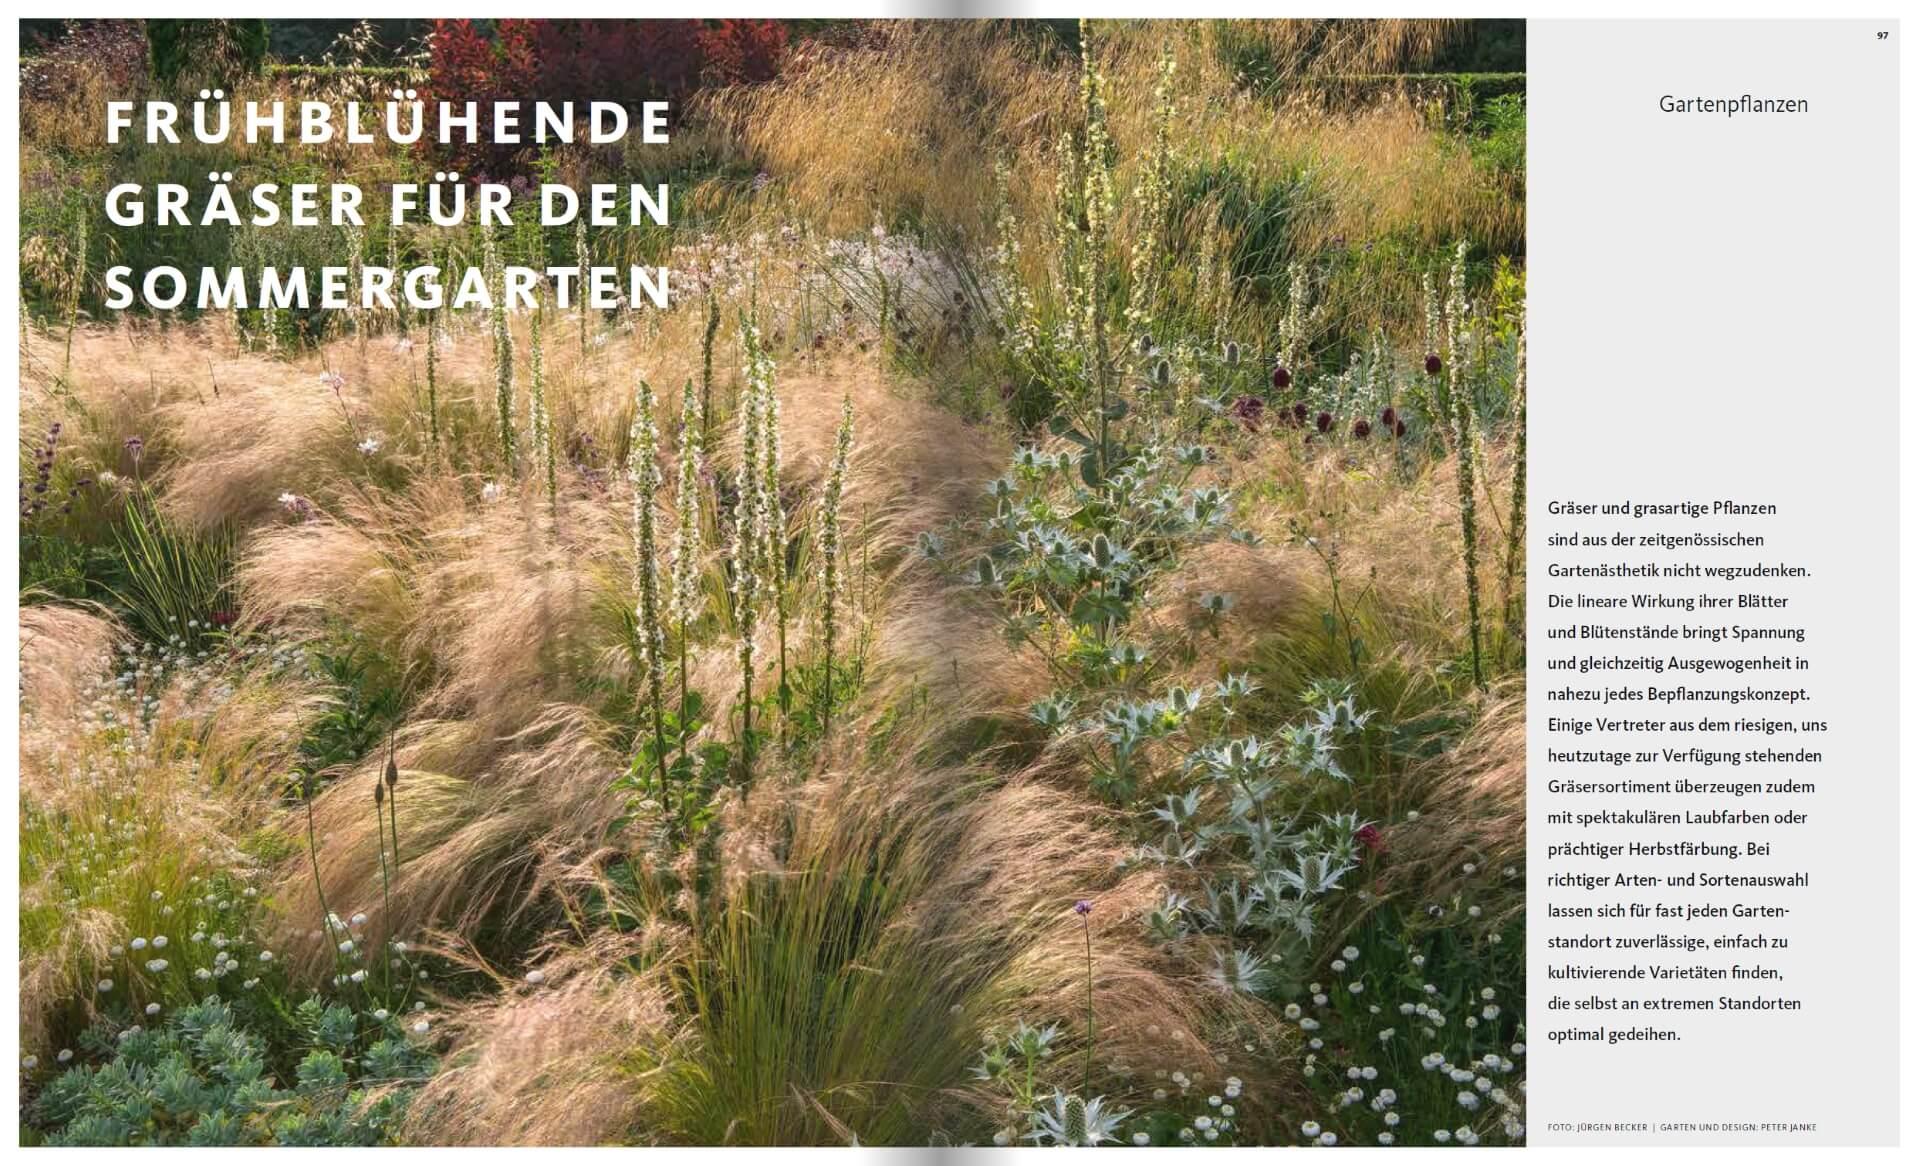 GARTENDESIGN INSPIRATION 3/2018: Gräser für den Sommergarten